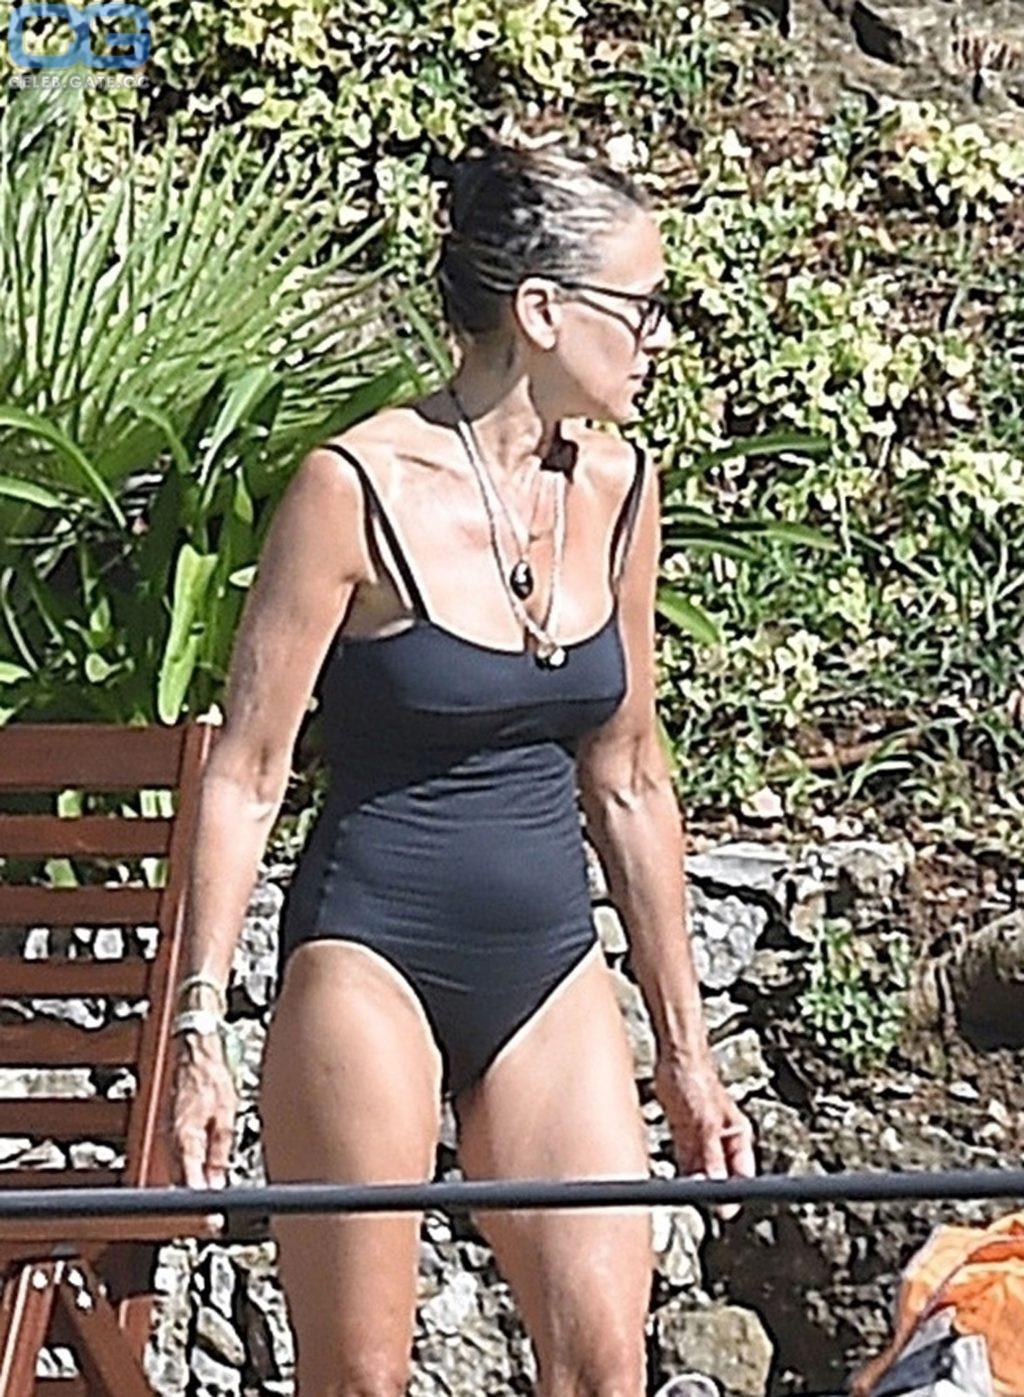 Jessica naked sarah parker 49 hottest